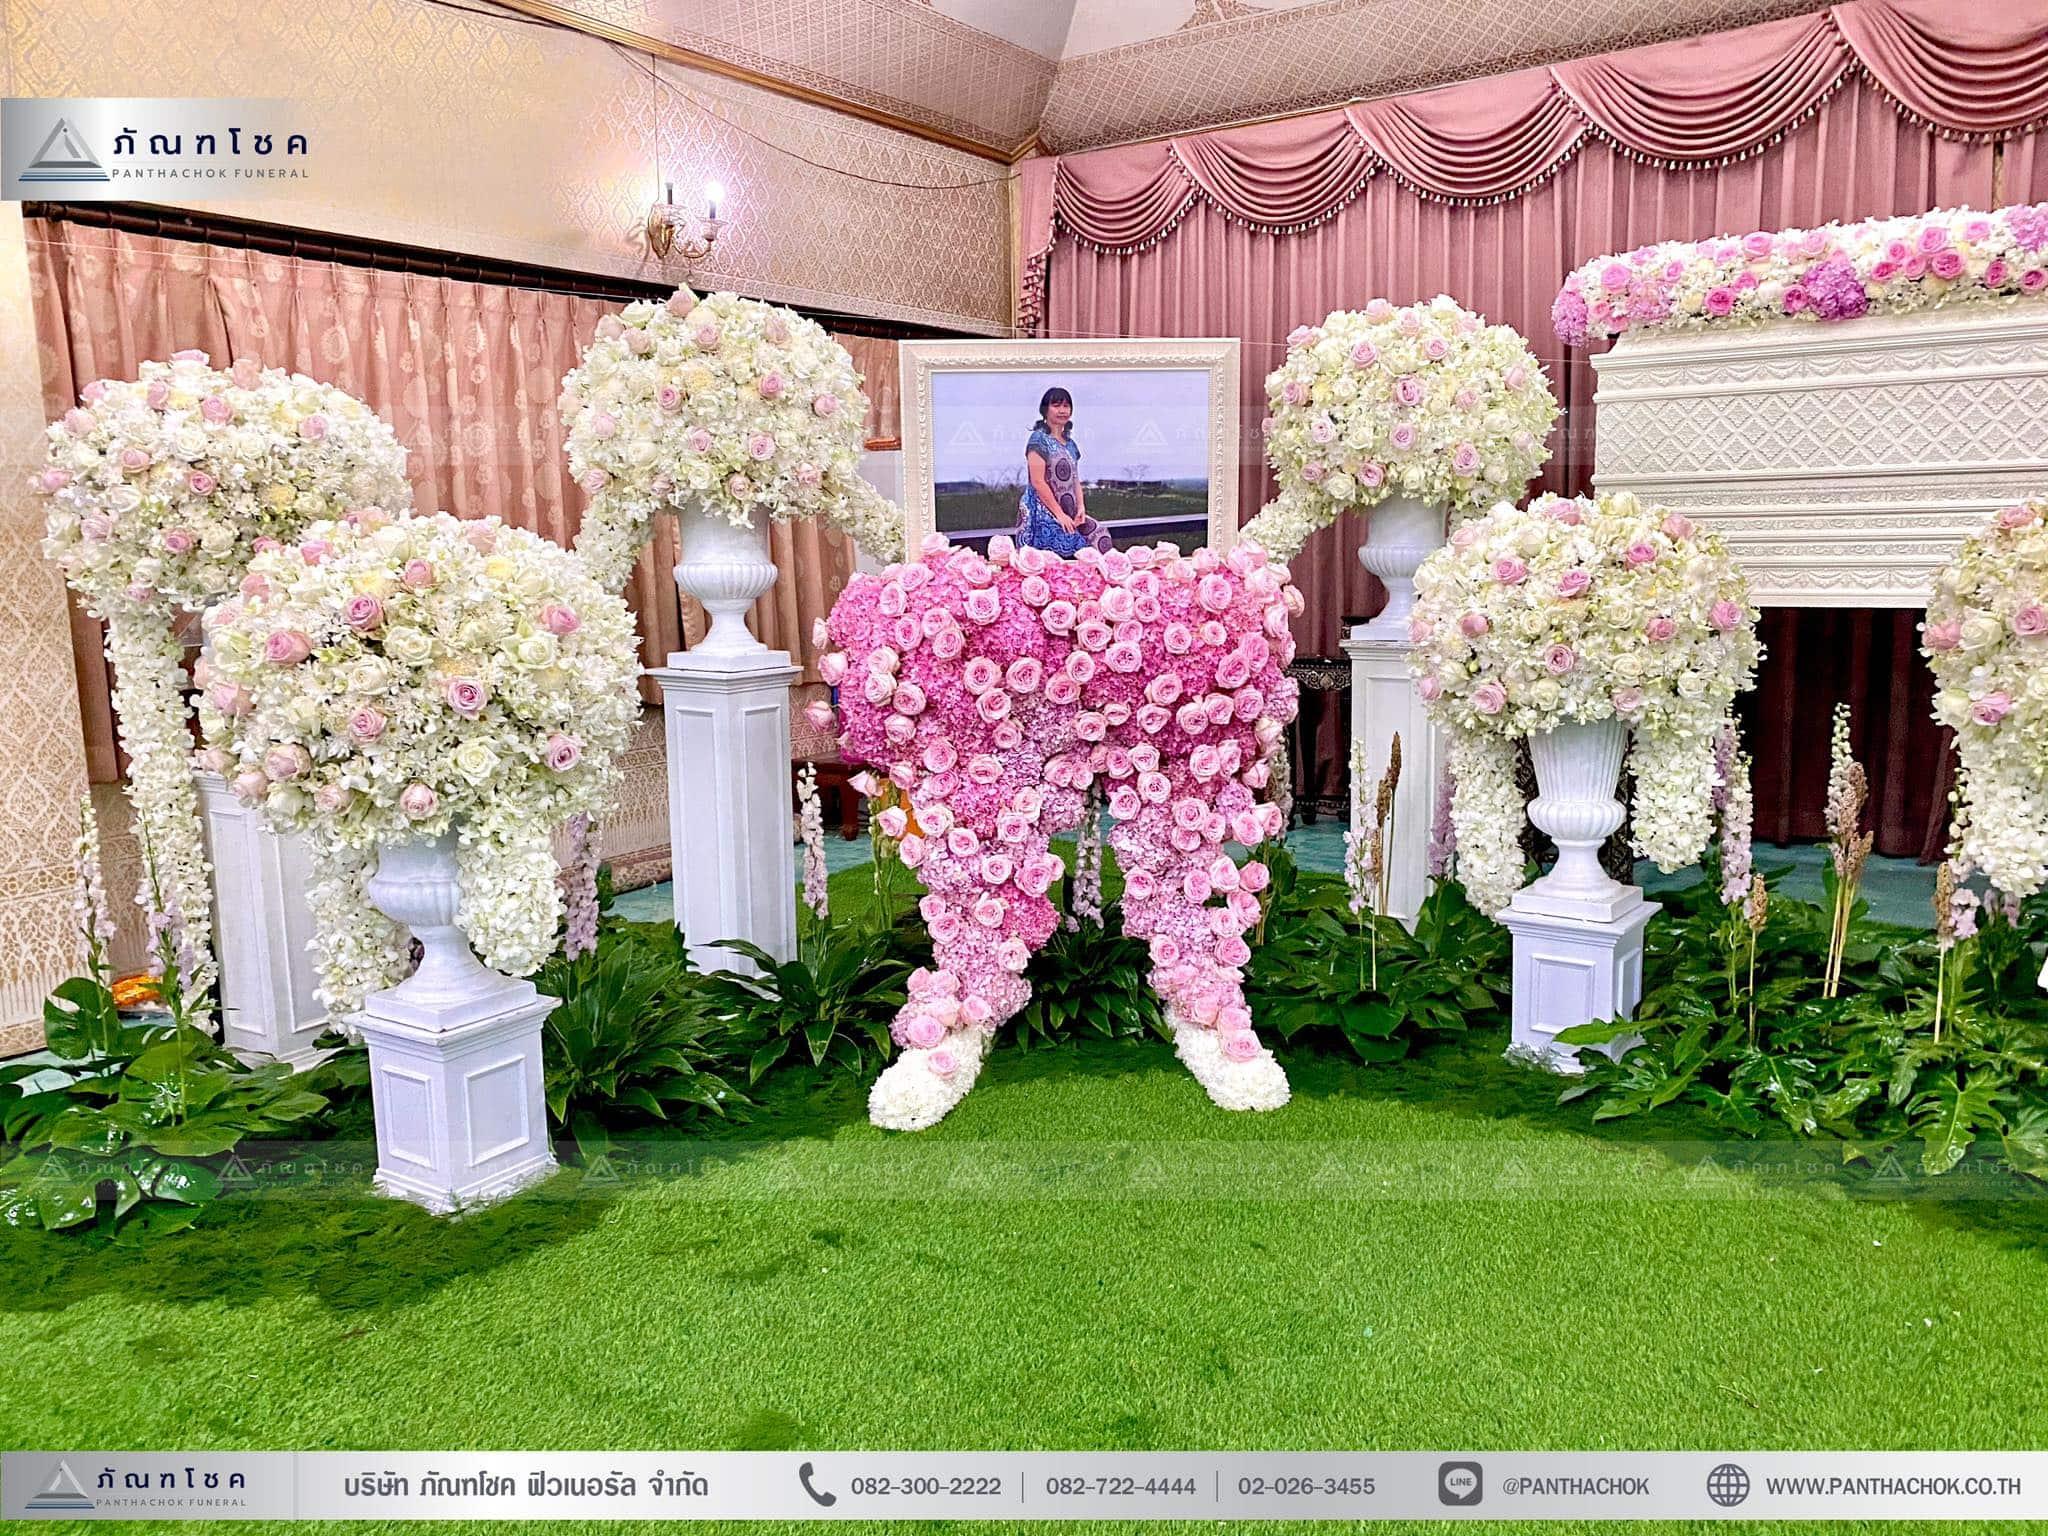 ดอกไม้งานศพสีชมพูขาว พุ่มดอกไม้สีขาว